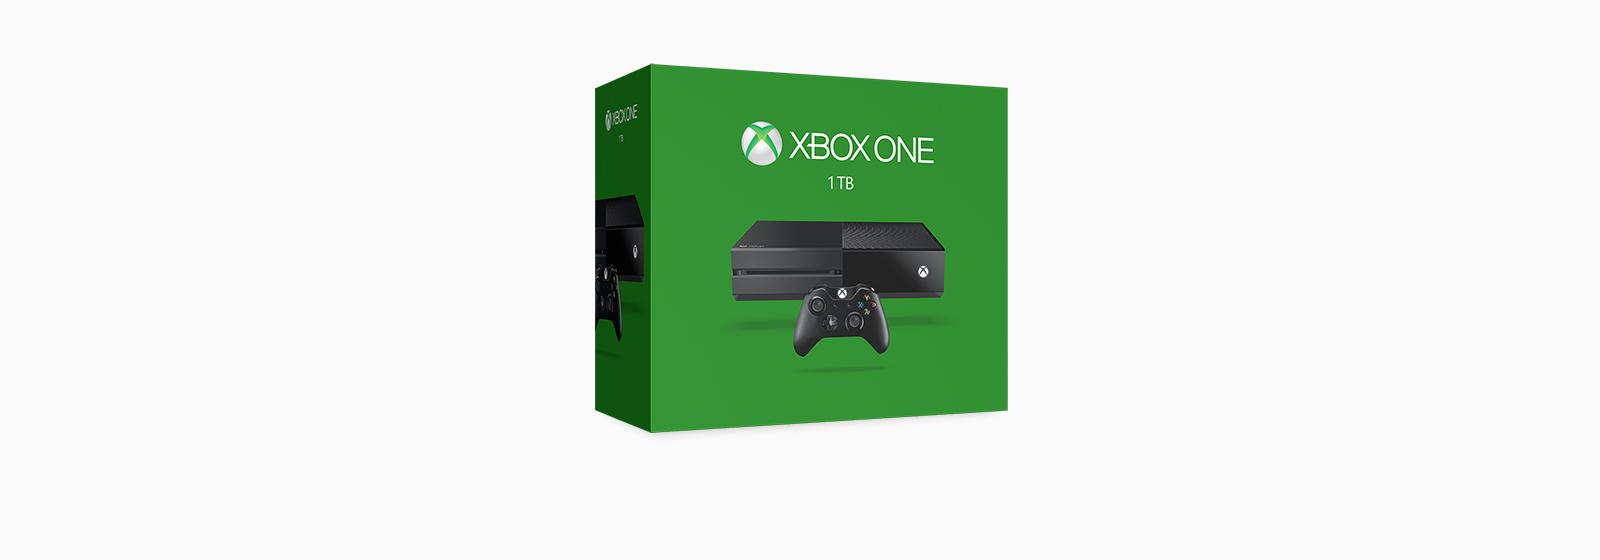 Získajte informácie o novej konzole Xbox s kapacitou 1 TB.